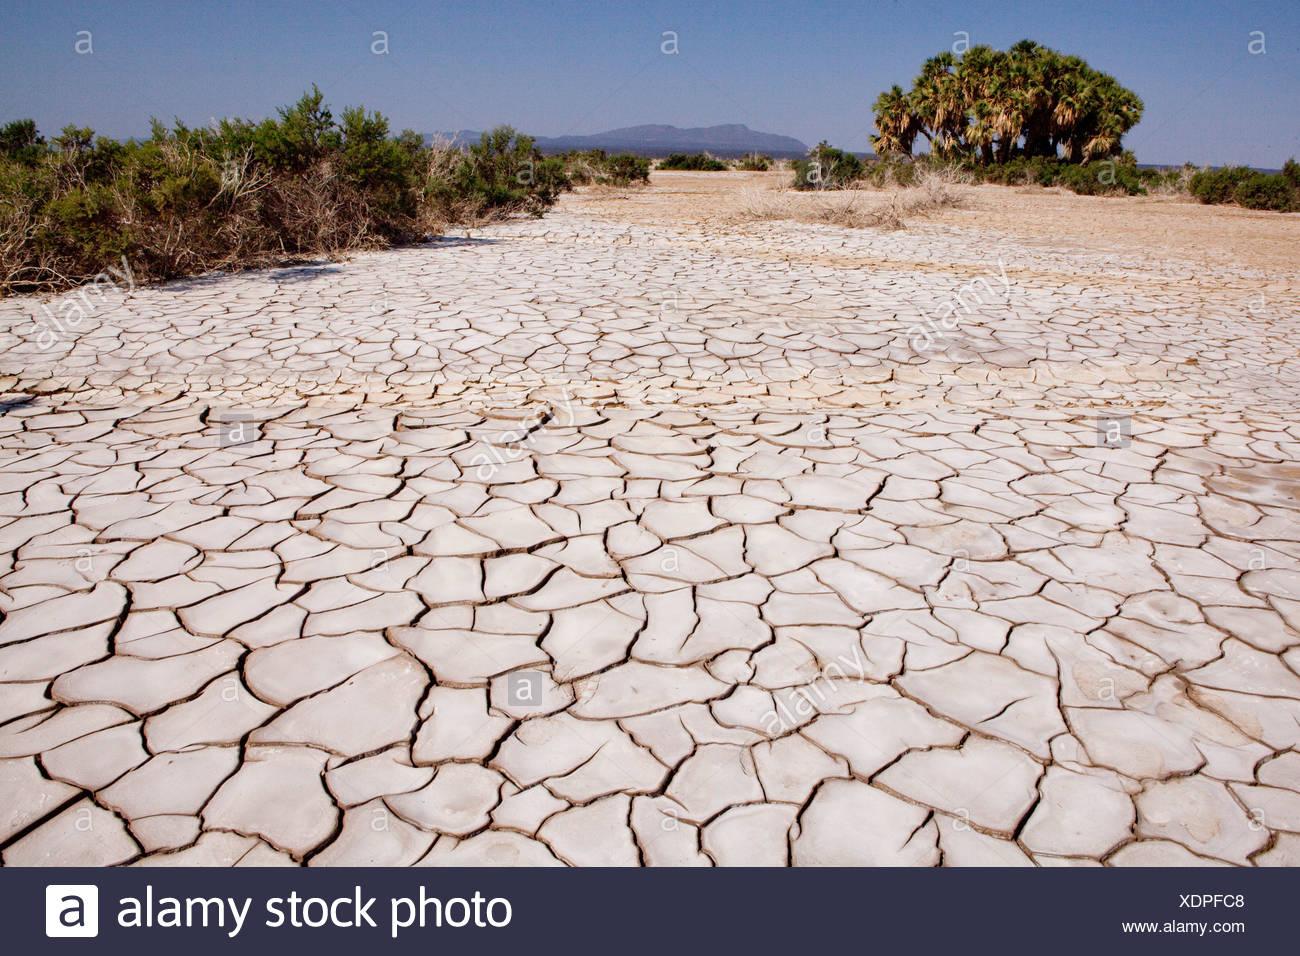 Danakil, Afrika, Äthiopien, trocken, reißt, Erde, Wüste Stockbild